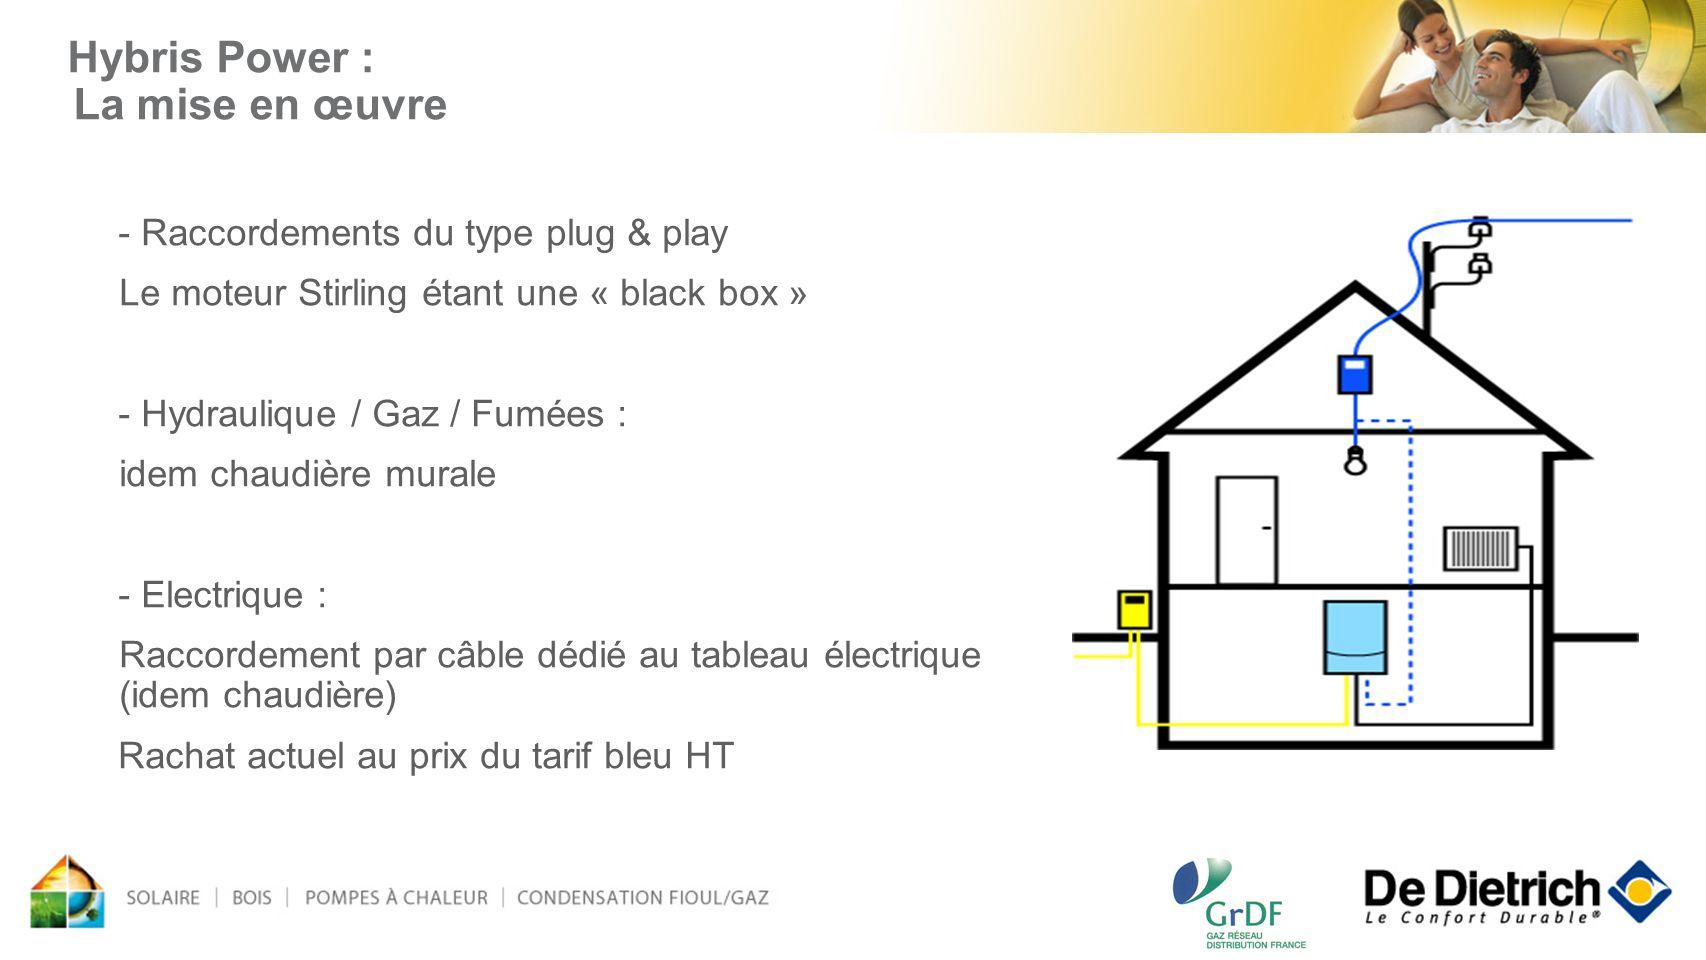 Hybris Power : La mise en œuvre - Raccordements du type plug & play Le moteur Stirling étant une « black box » - Hydraulique / Gaz / Fumées : idem cha